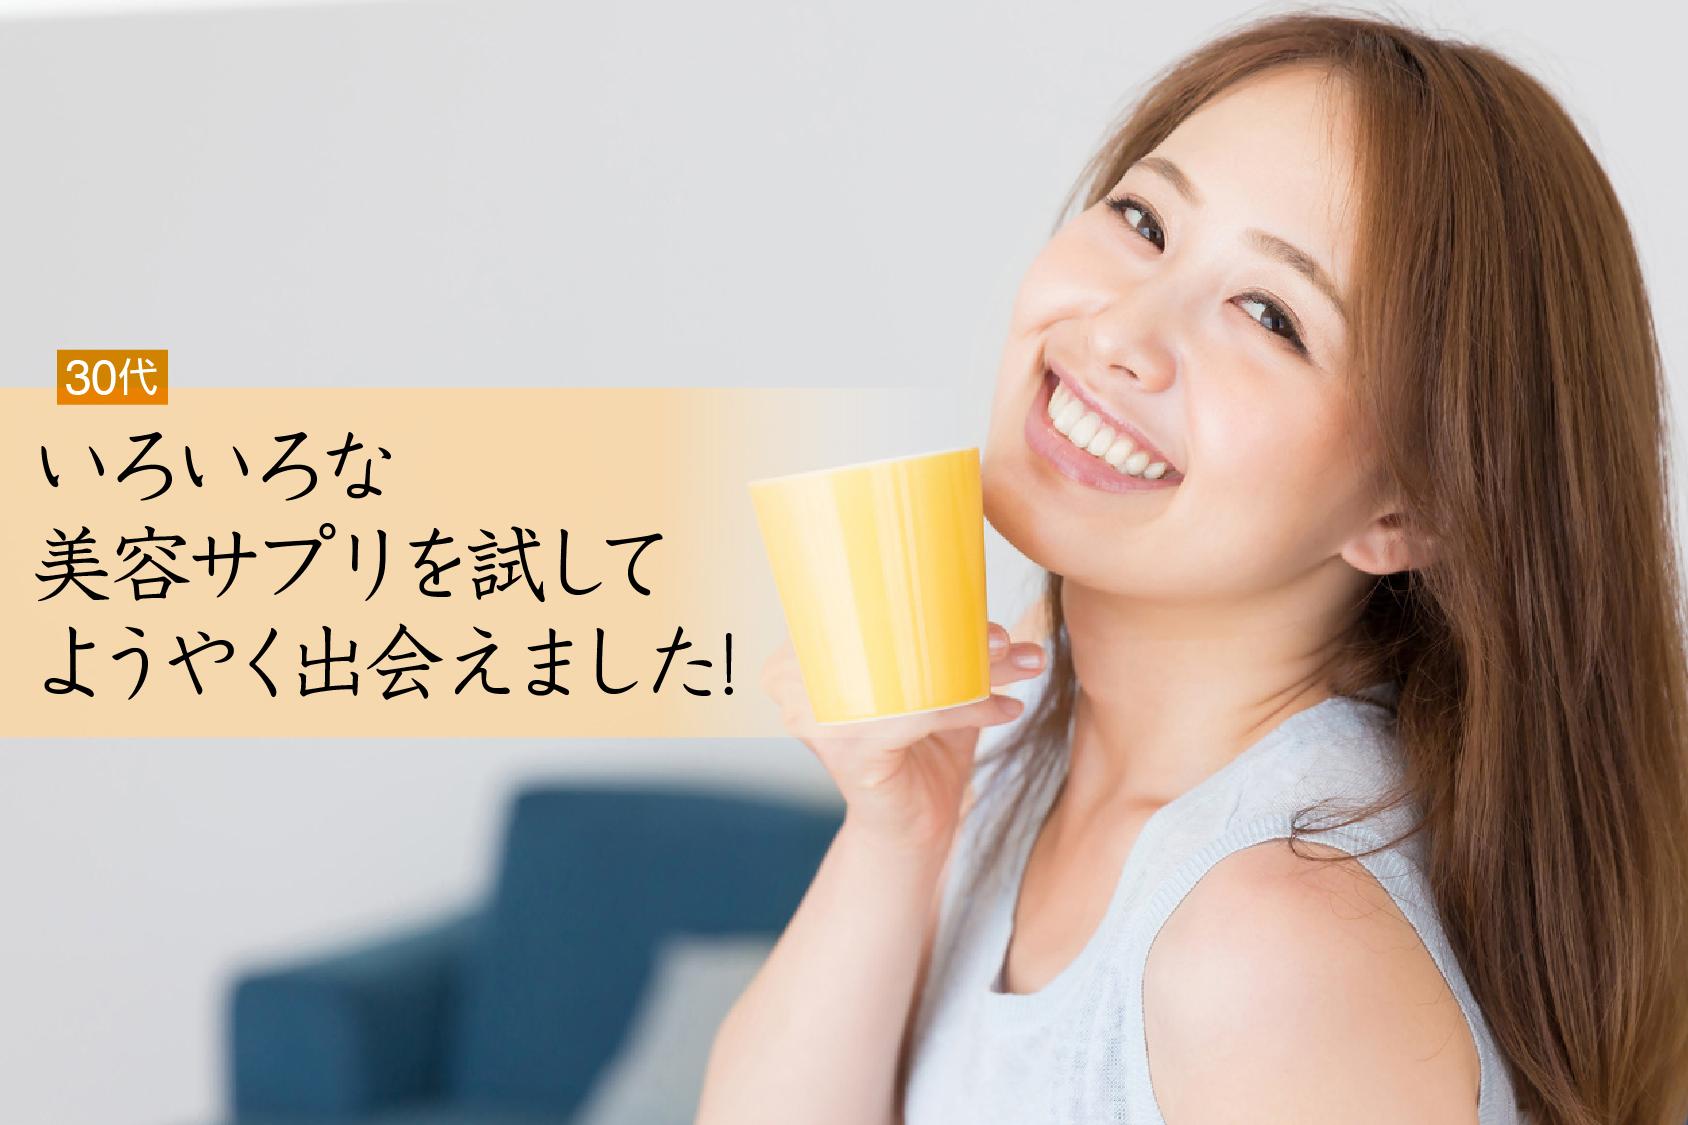 【ケース2】30代